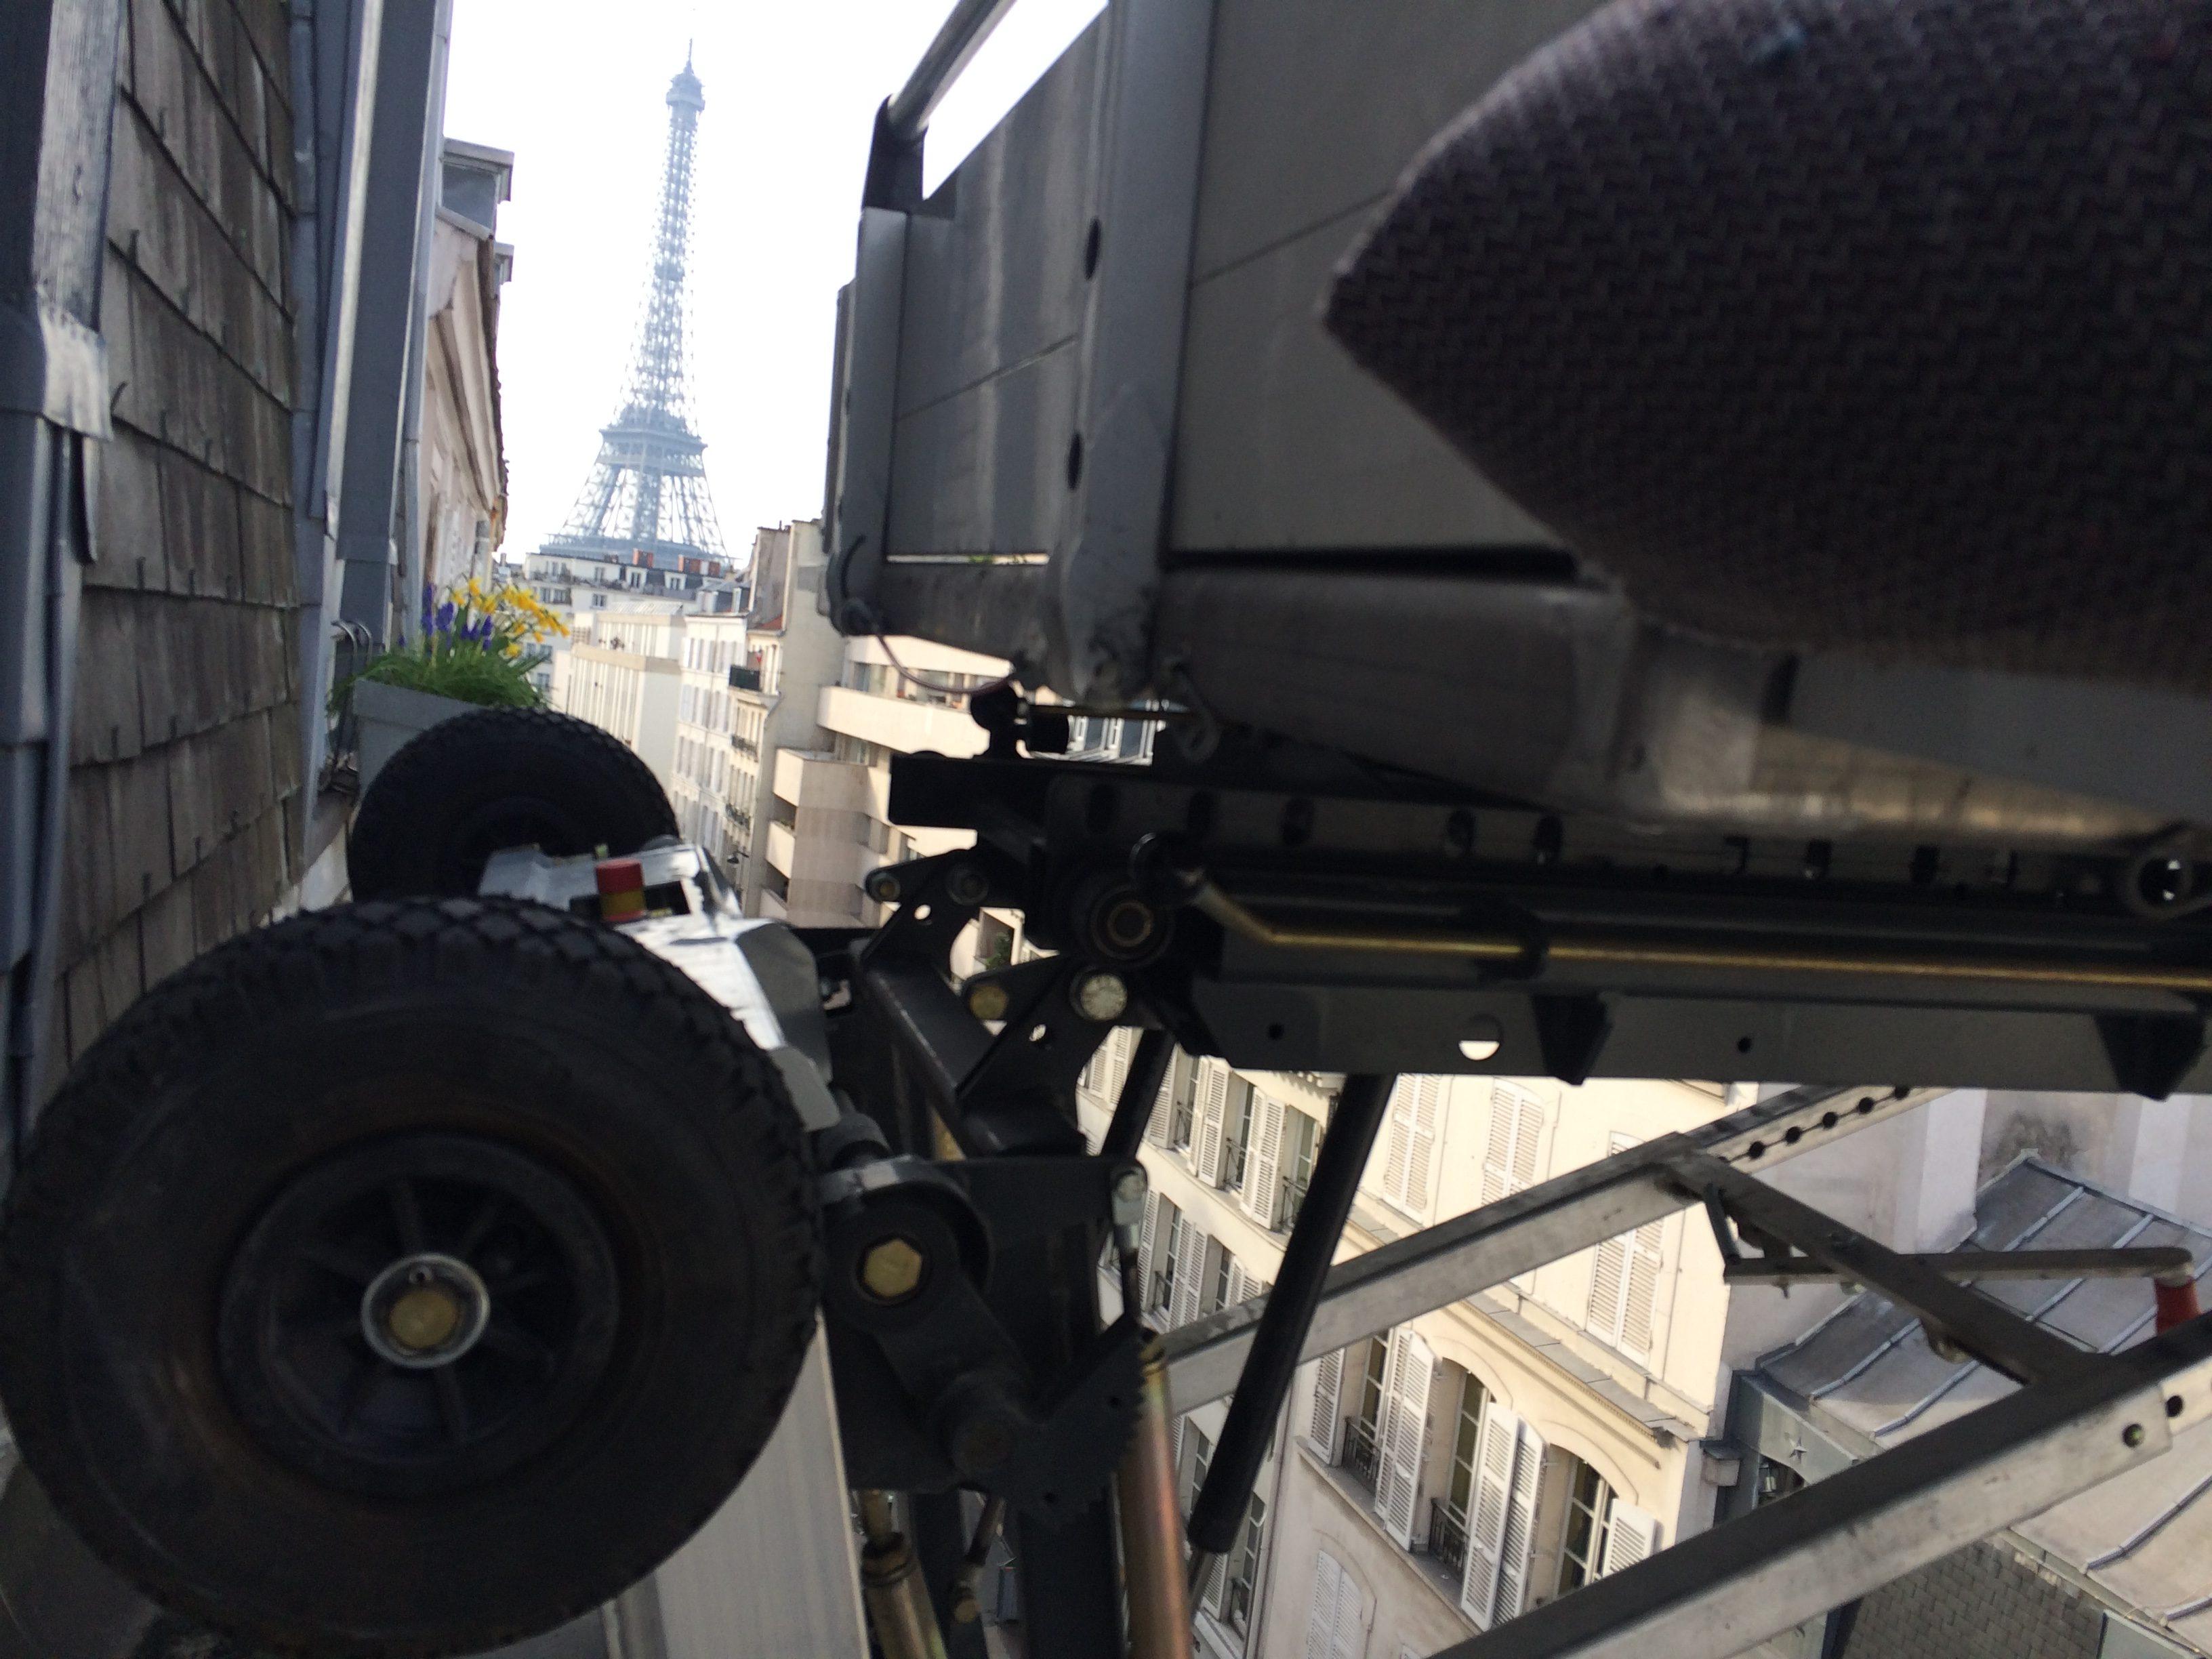 Déménagement à paris devis déménagement - devis déménageur - devis déménagement Paris